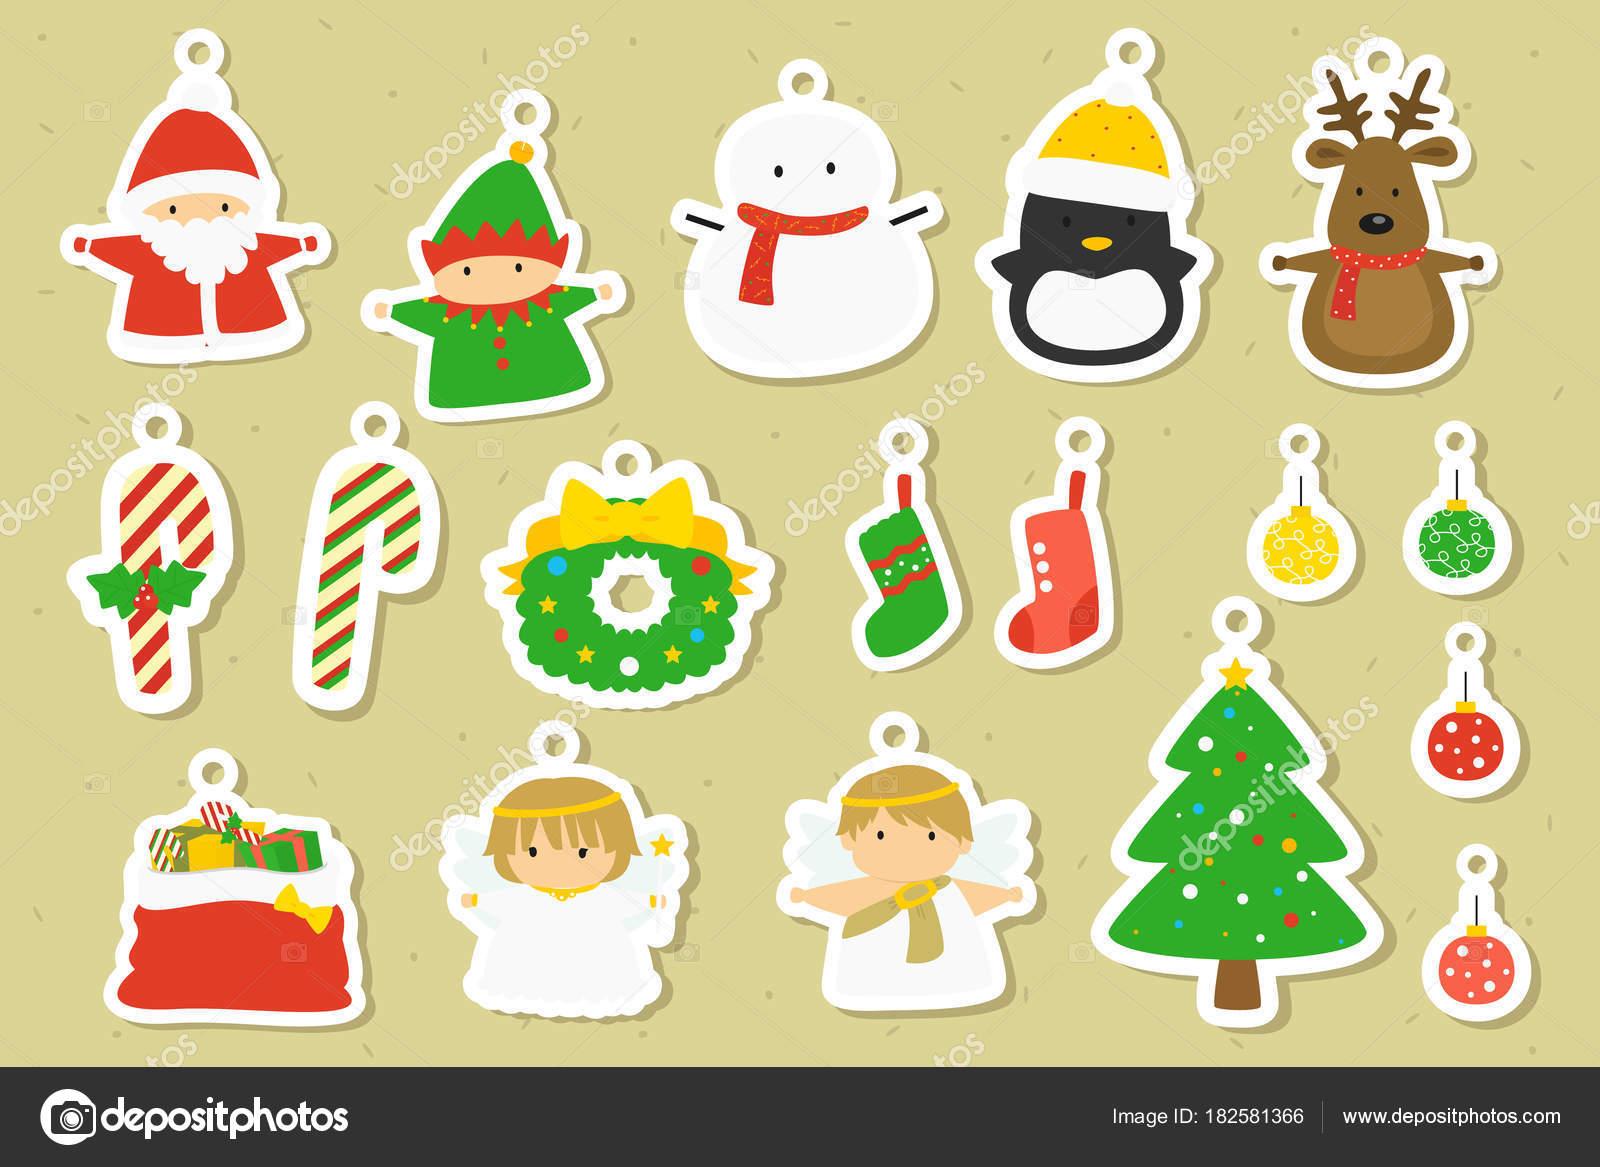 Imprimibles Navidad Empavesado Colección Vectores Dibujos Animados ...